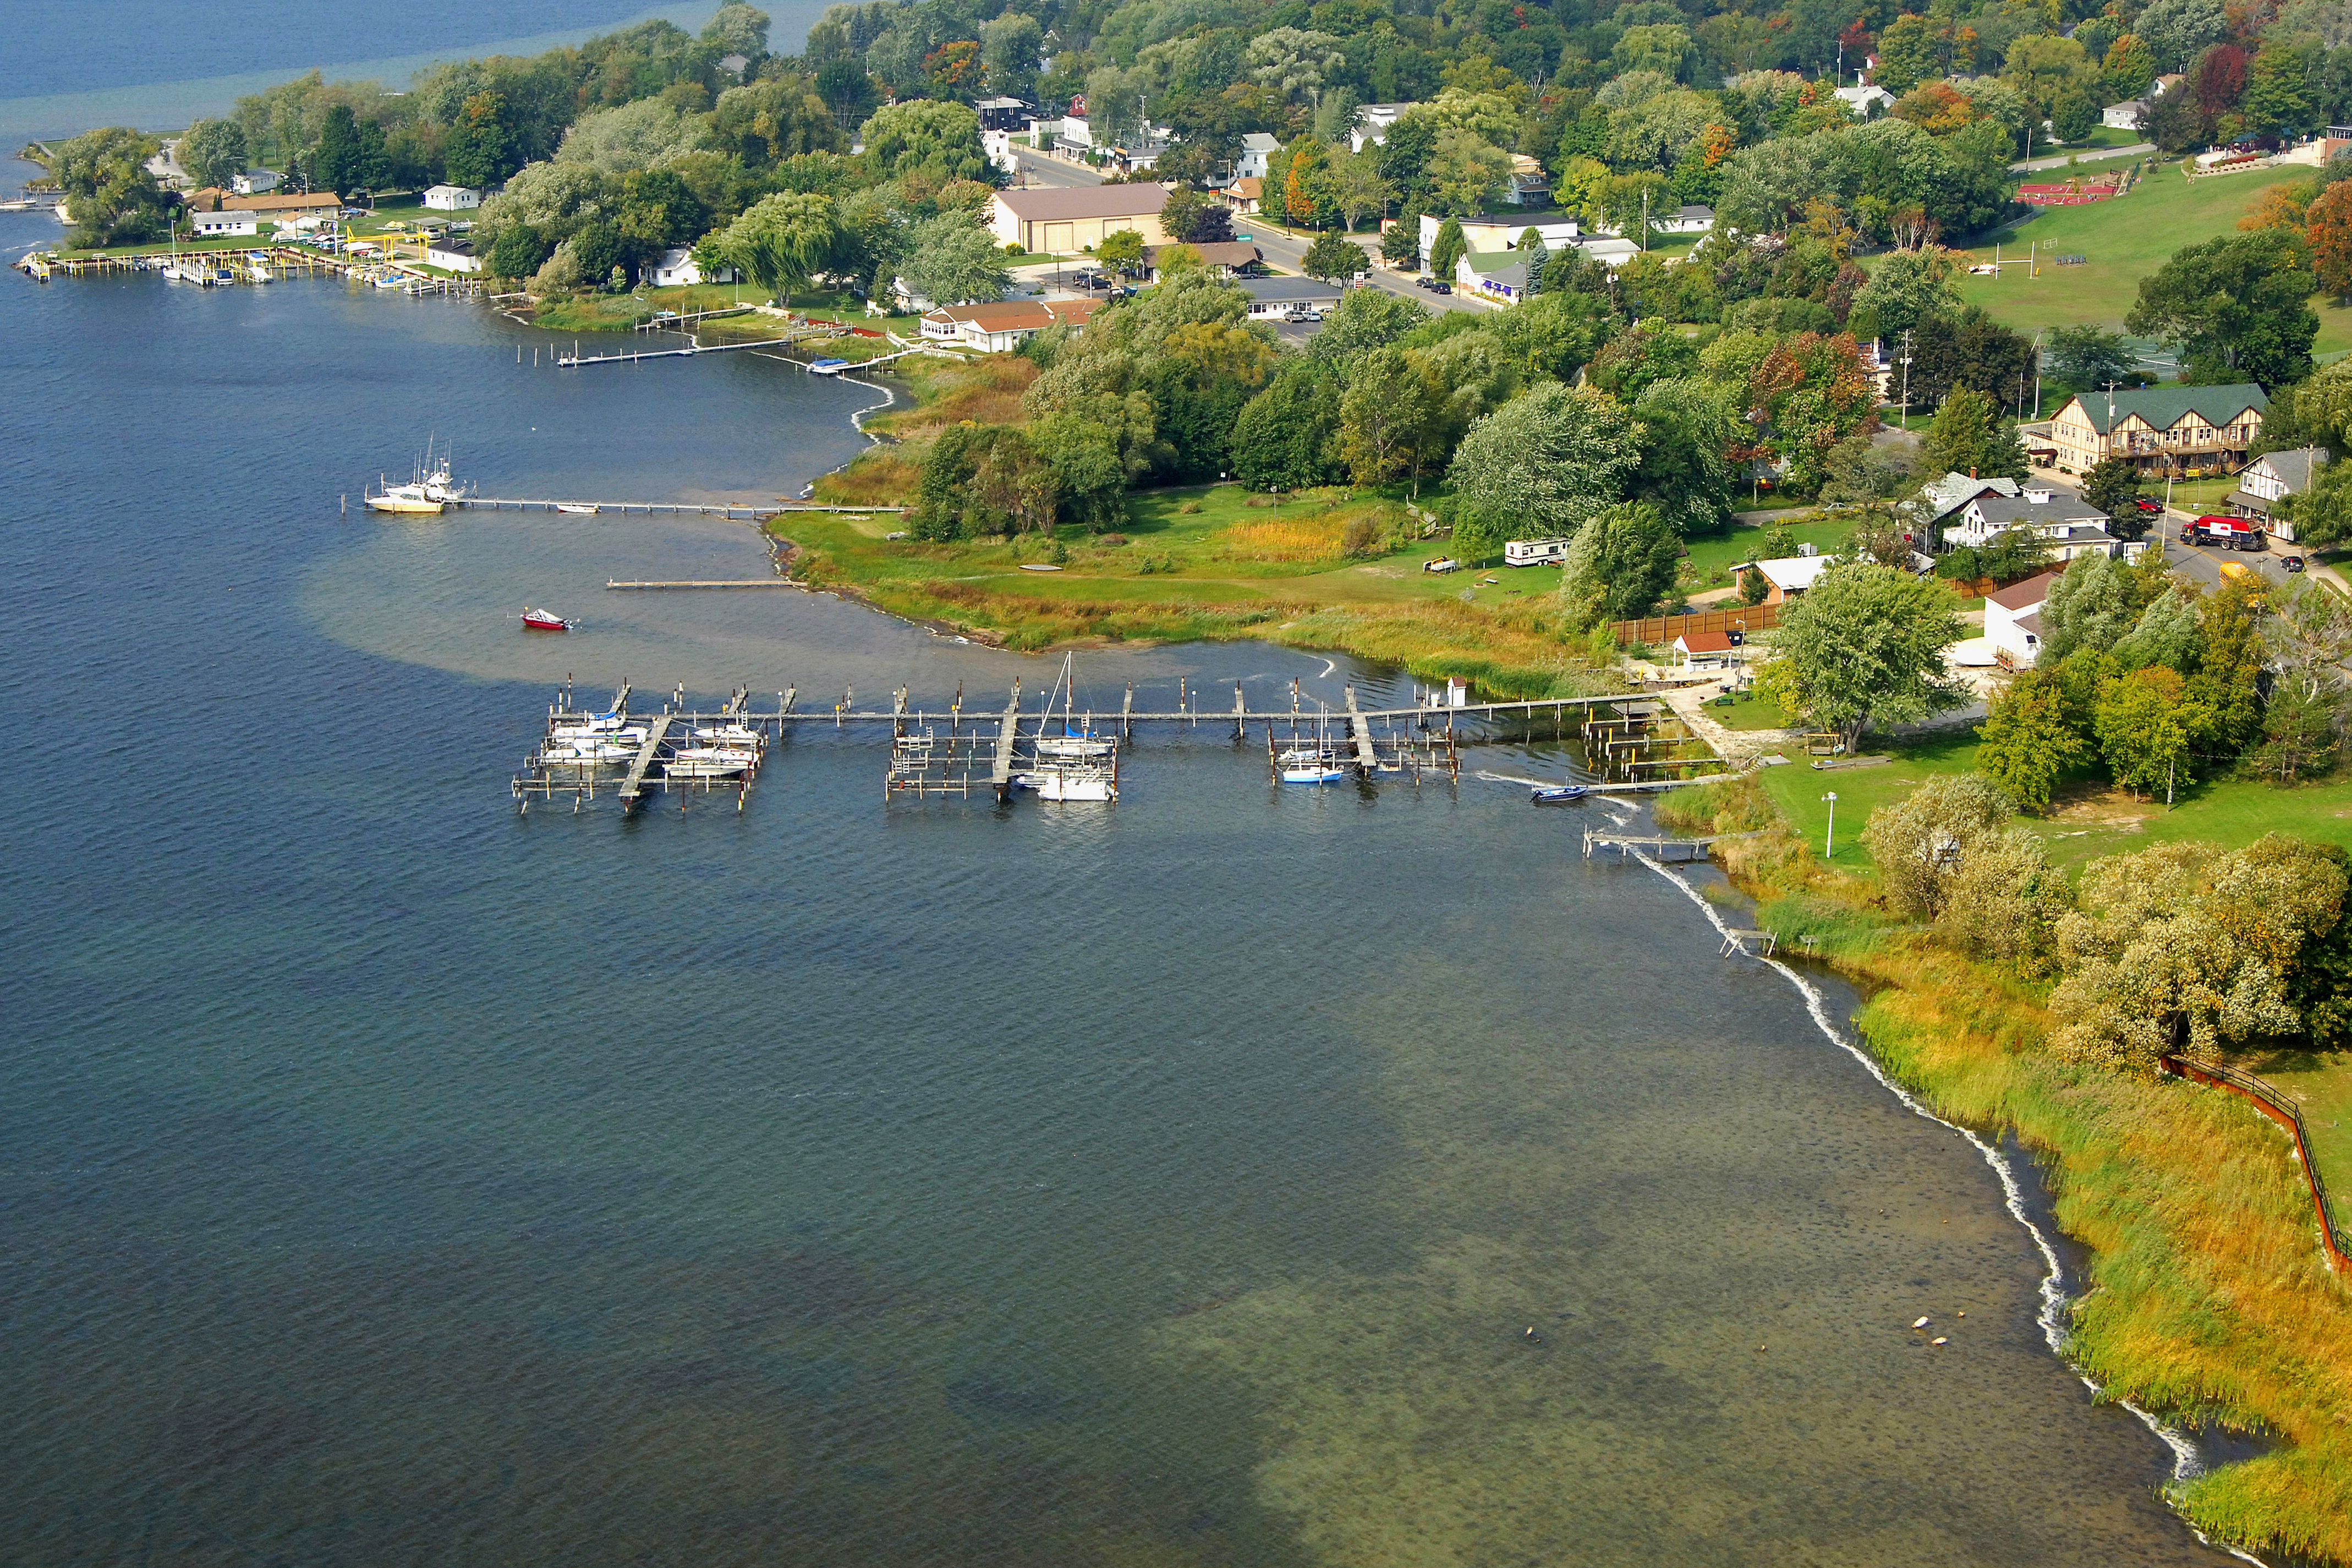 Portage Lake Marina in Onekama, MI, United States - Marina